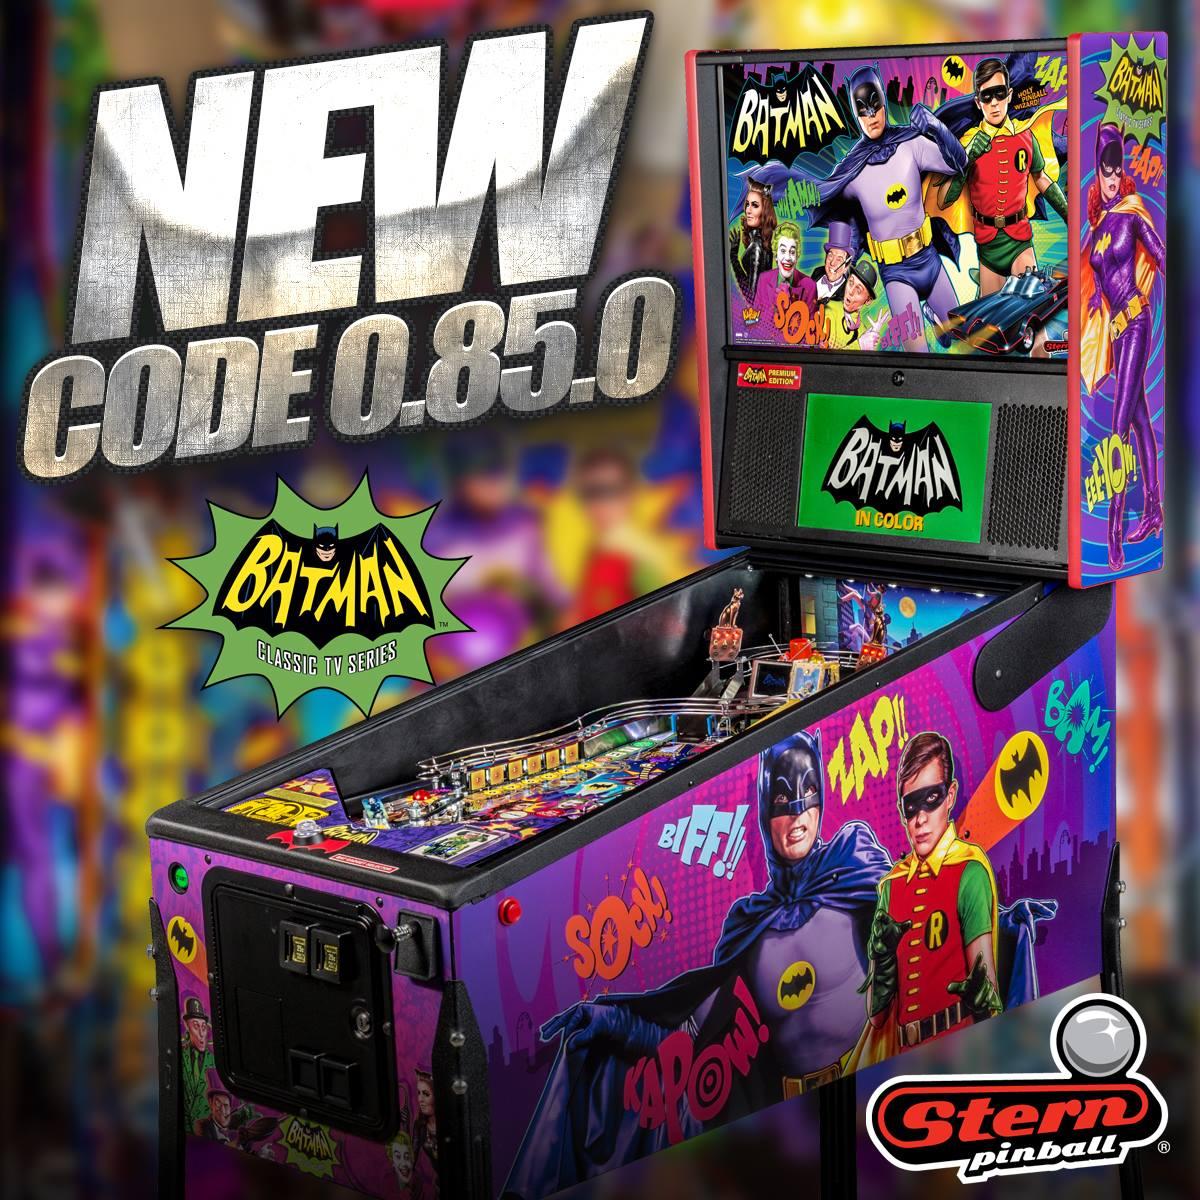 Maximus Arcade Serial Crack - vibeslivin